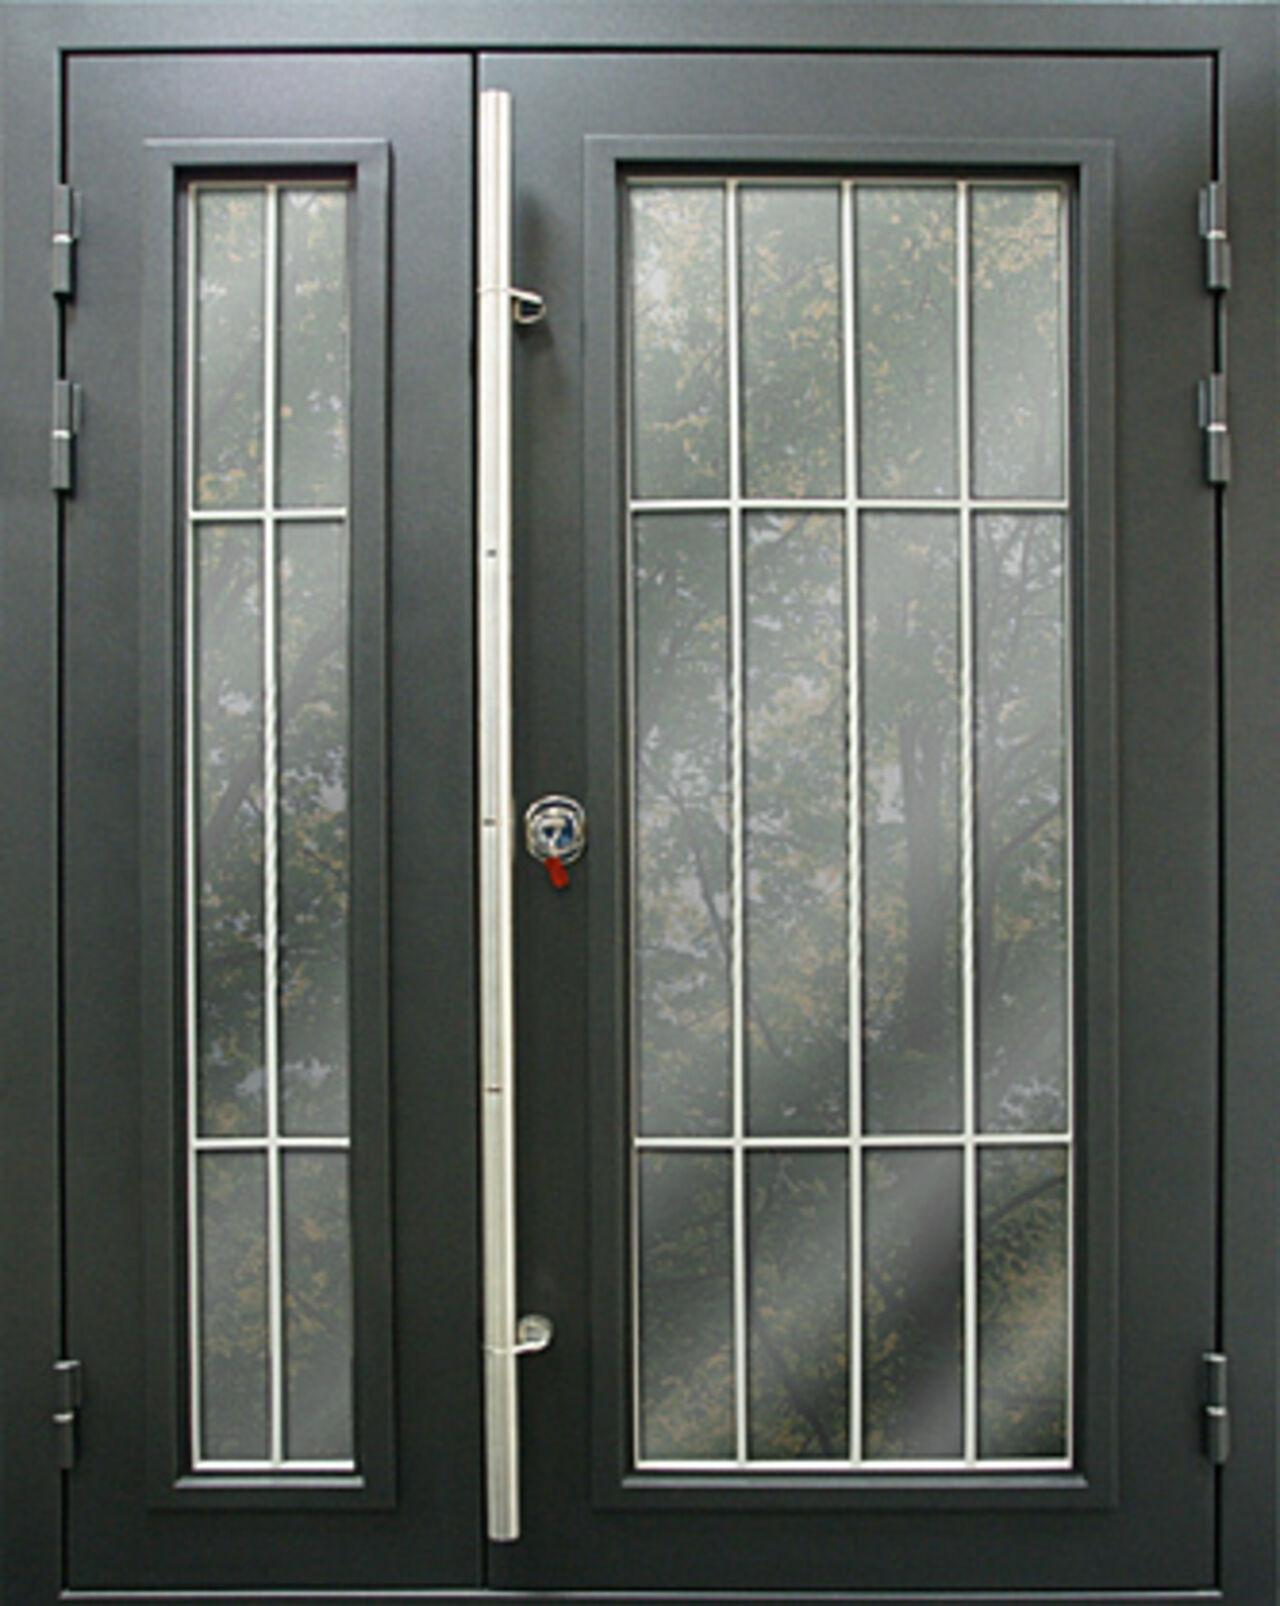 корунд прочная защита вашего дома Vse42ru